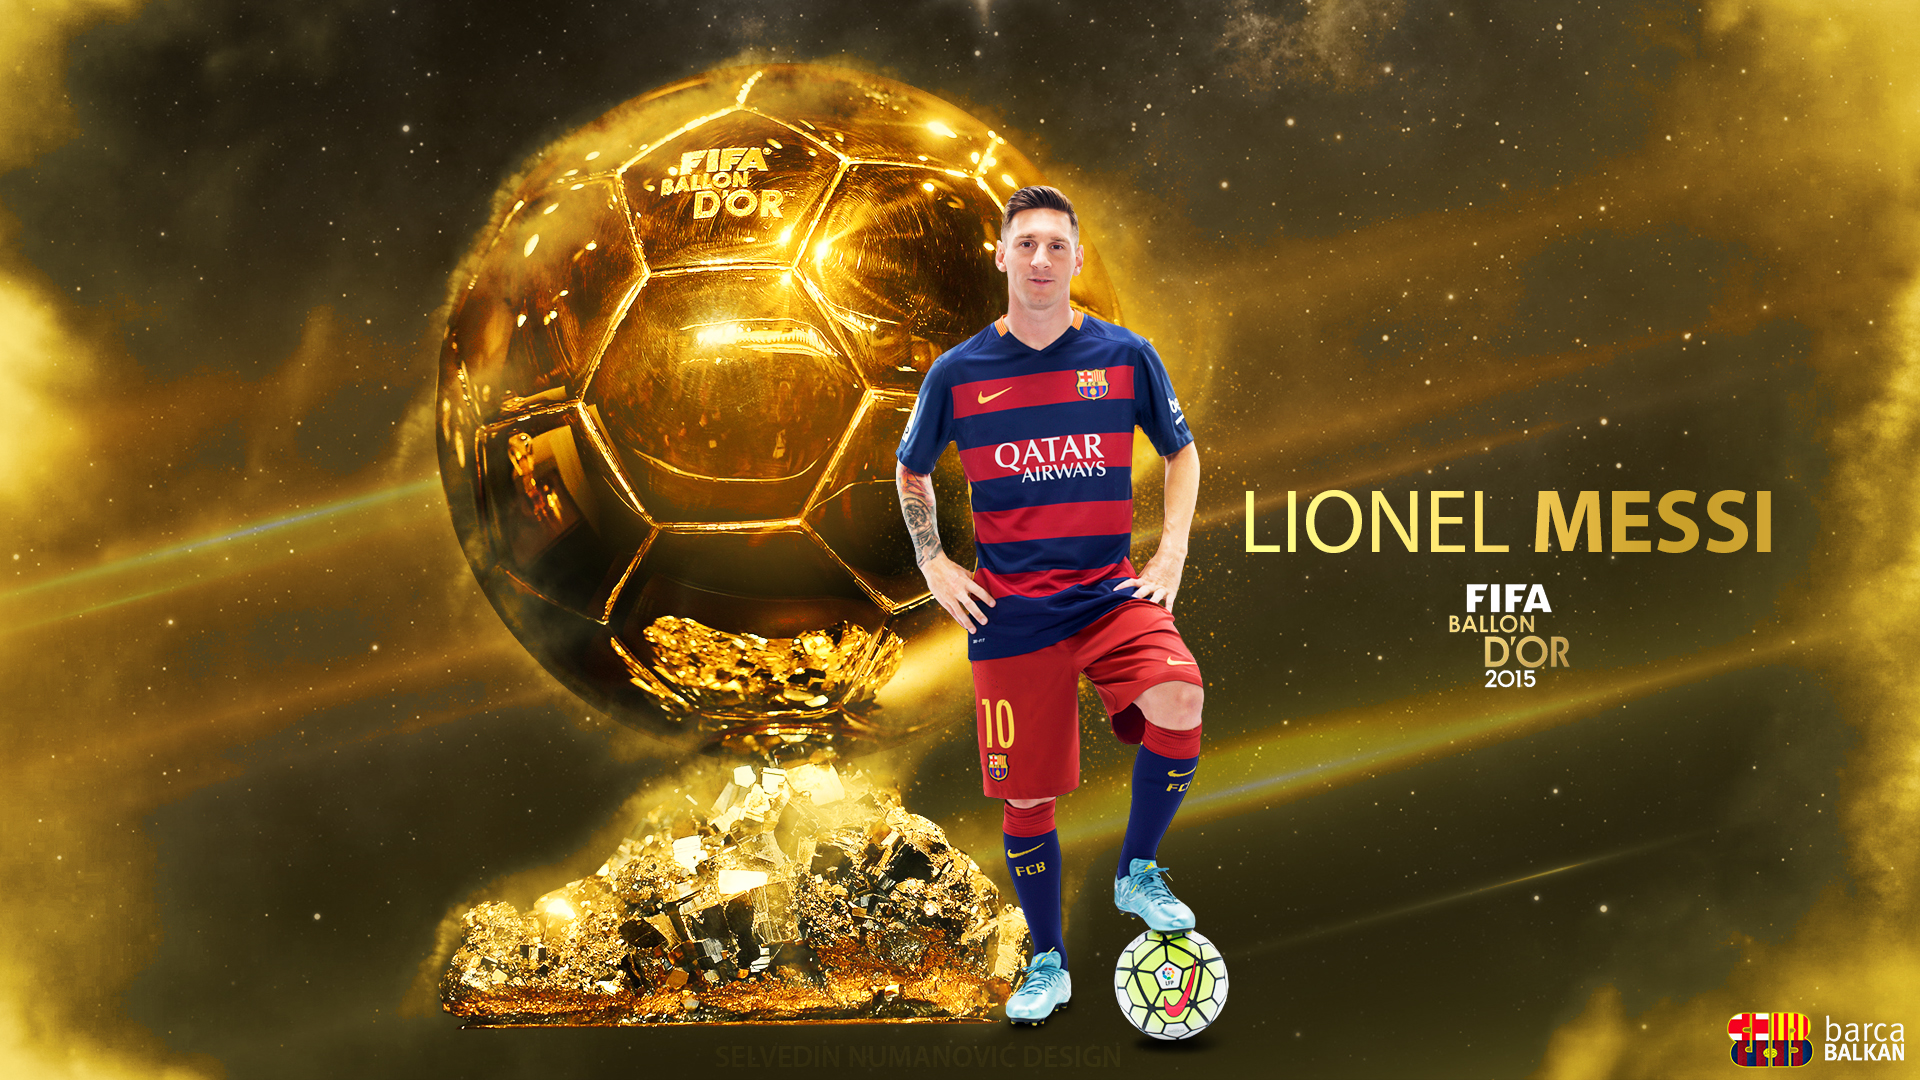 Lionel Messi 2016 1920x1080